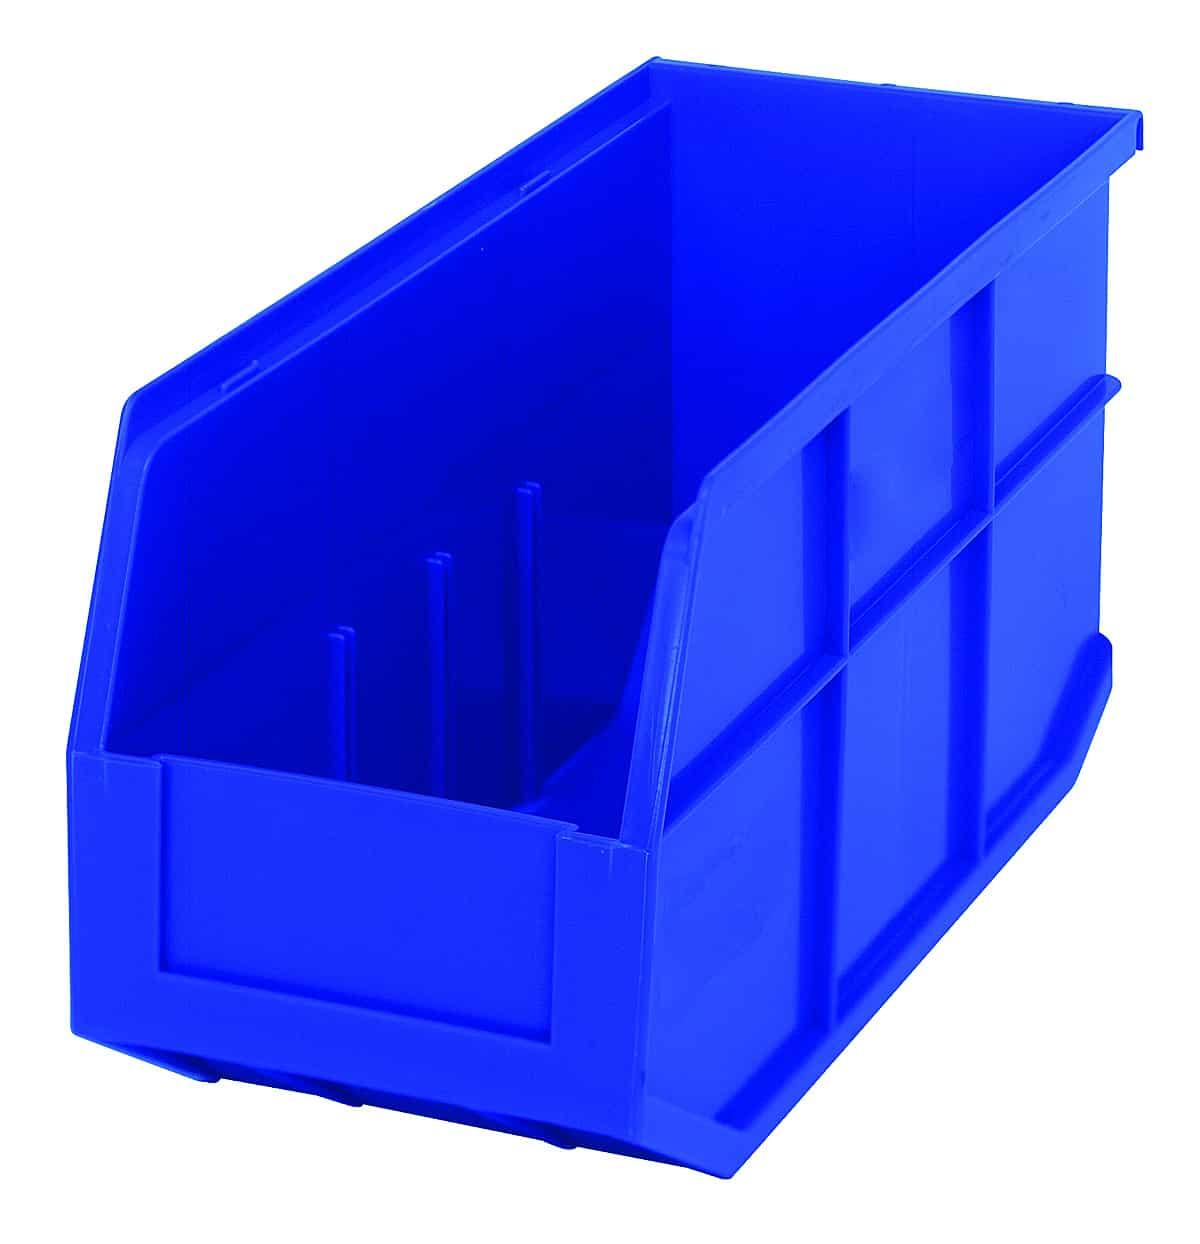 SSB 441 BLUE-L